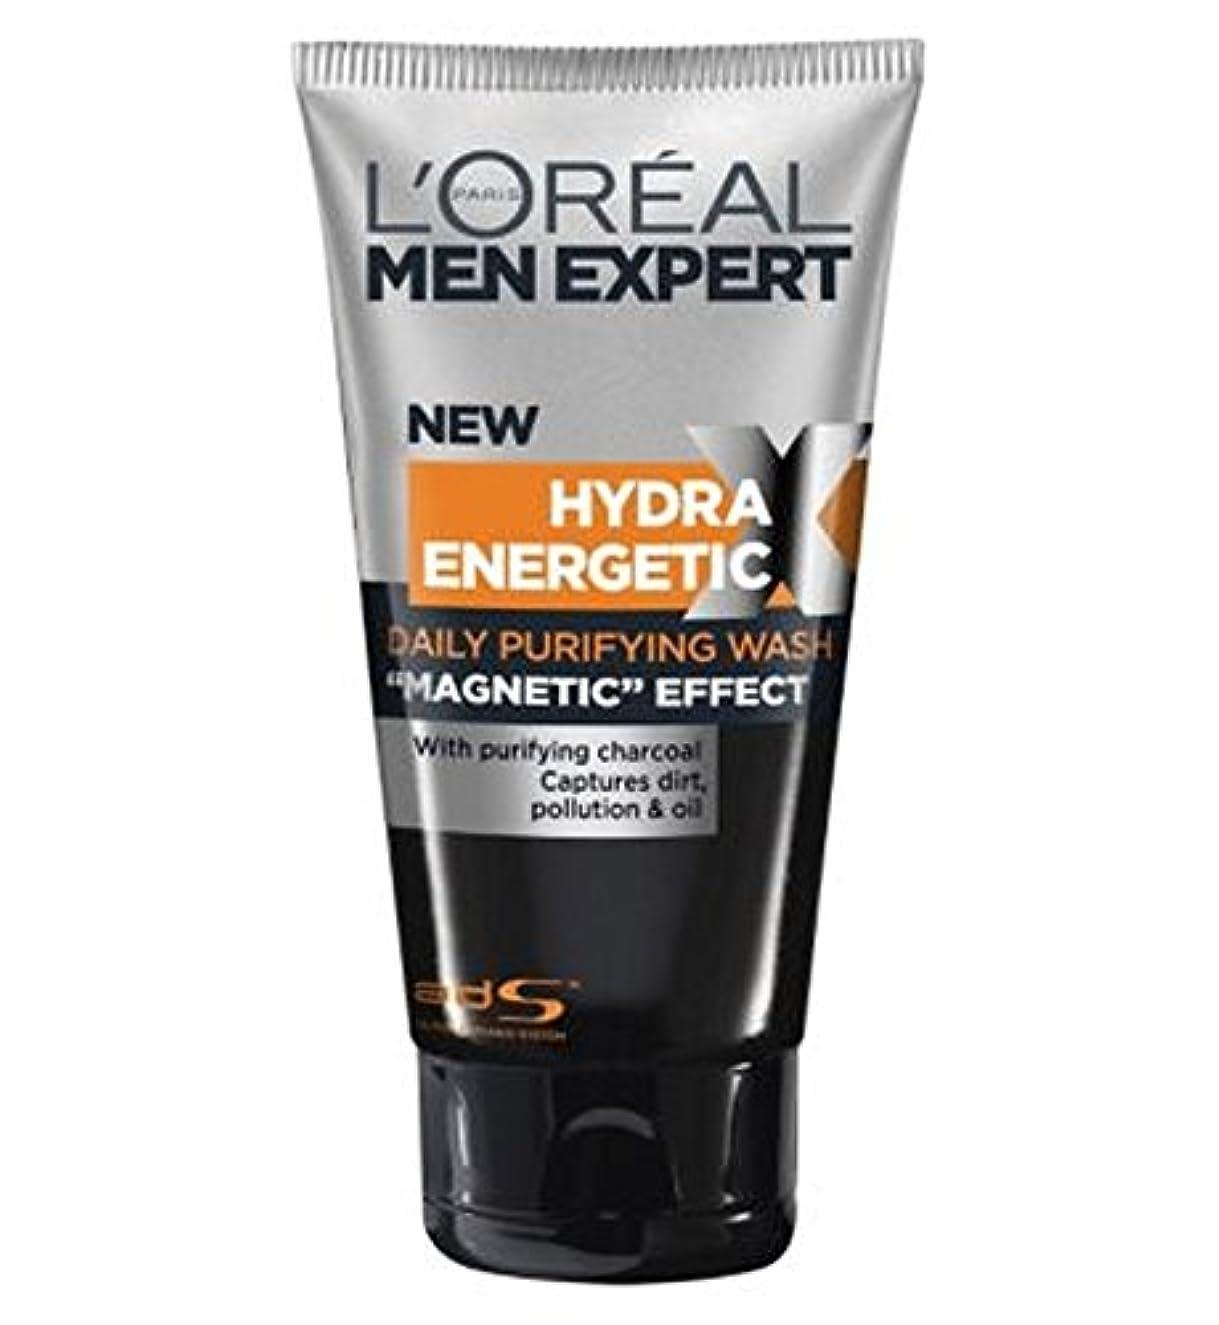 長いです絶え間ないオプションロレアルの男性の専門家ヒドラエネルギッシュX-Treme黒い炭洗顔150ミリリットル (L'Oreal) (x2) - L'Oreal Men Expert Hydra Energetic X-Treme Black Charcoal...